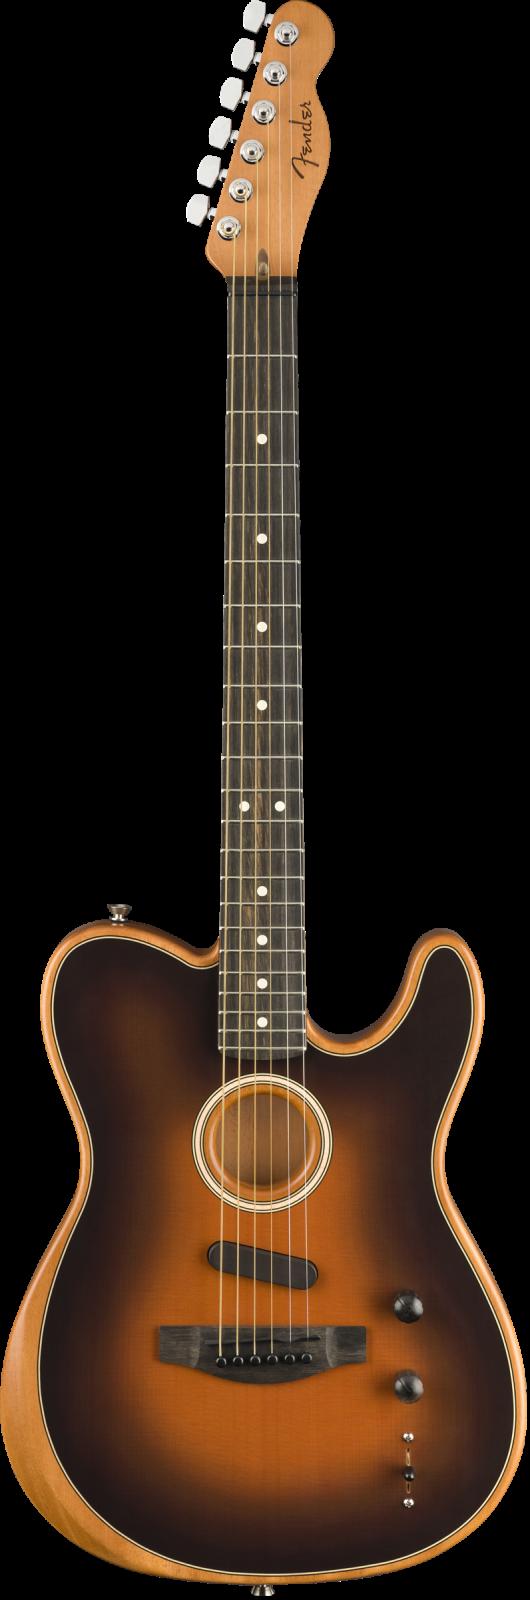 Fender American Acoustasonic Telecaster - Sunburst COMING SOON